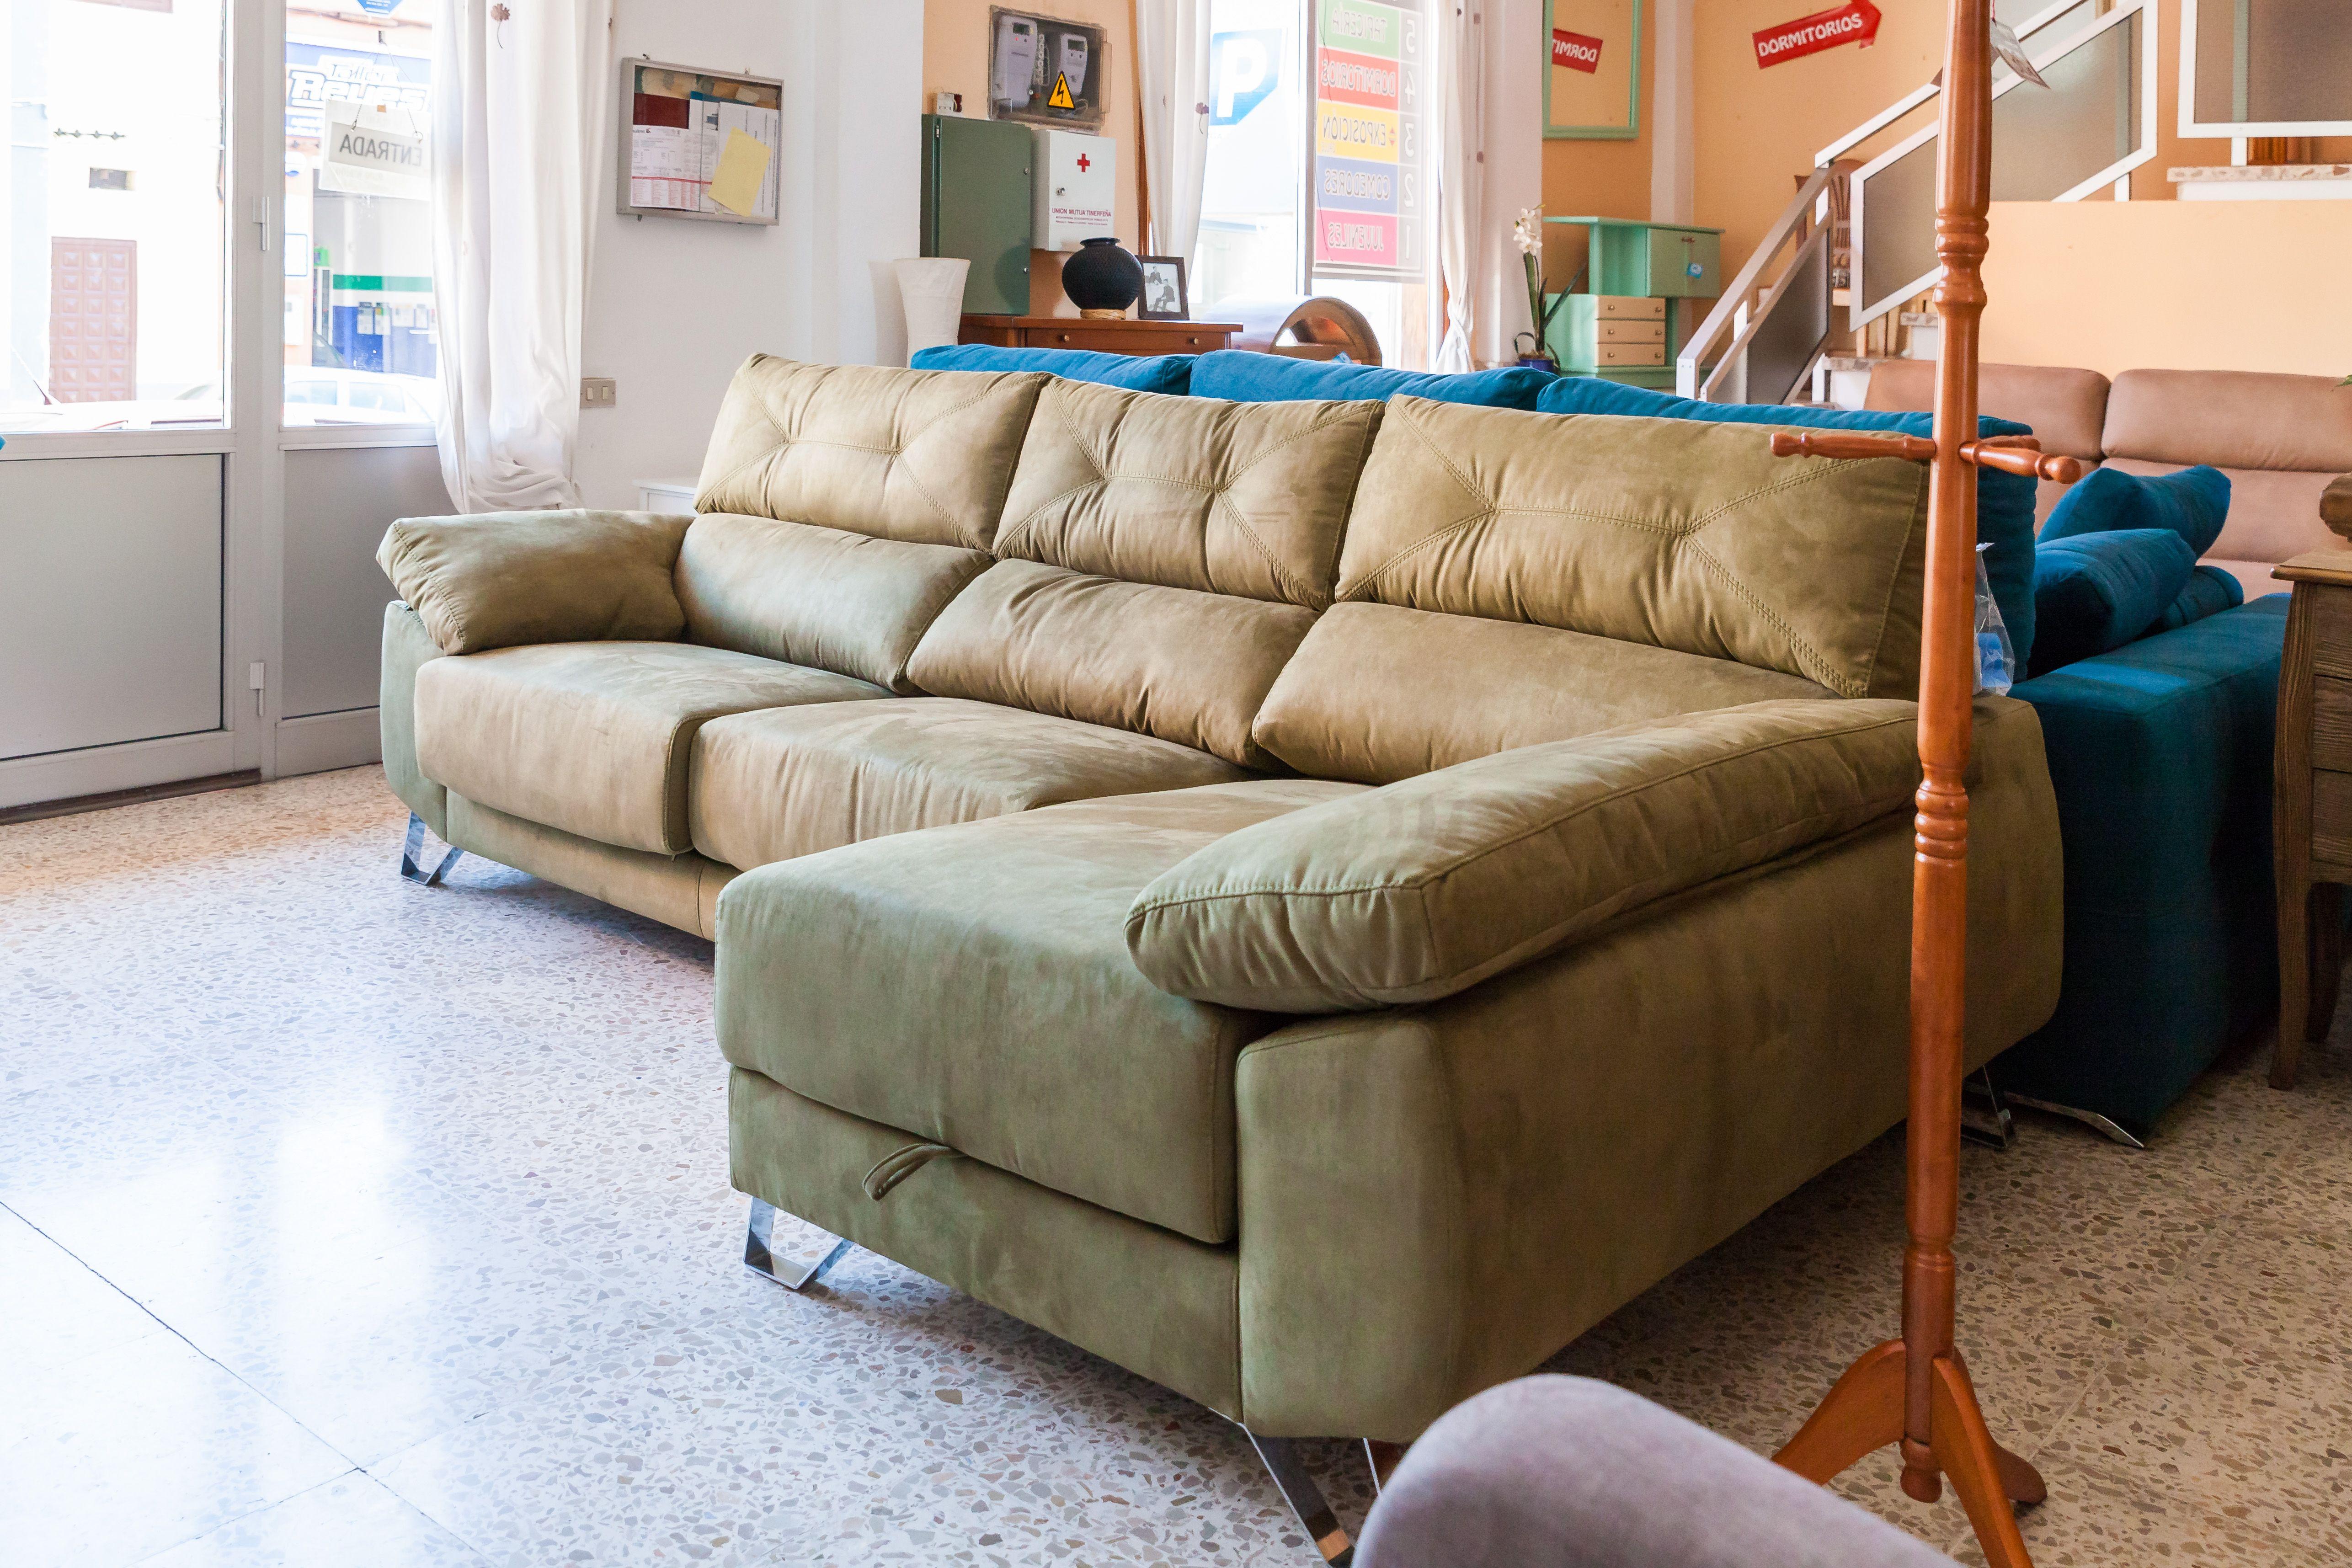 Tu tienda de sofás en Tenerife se llama Muebles Izquierdo